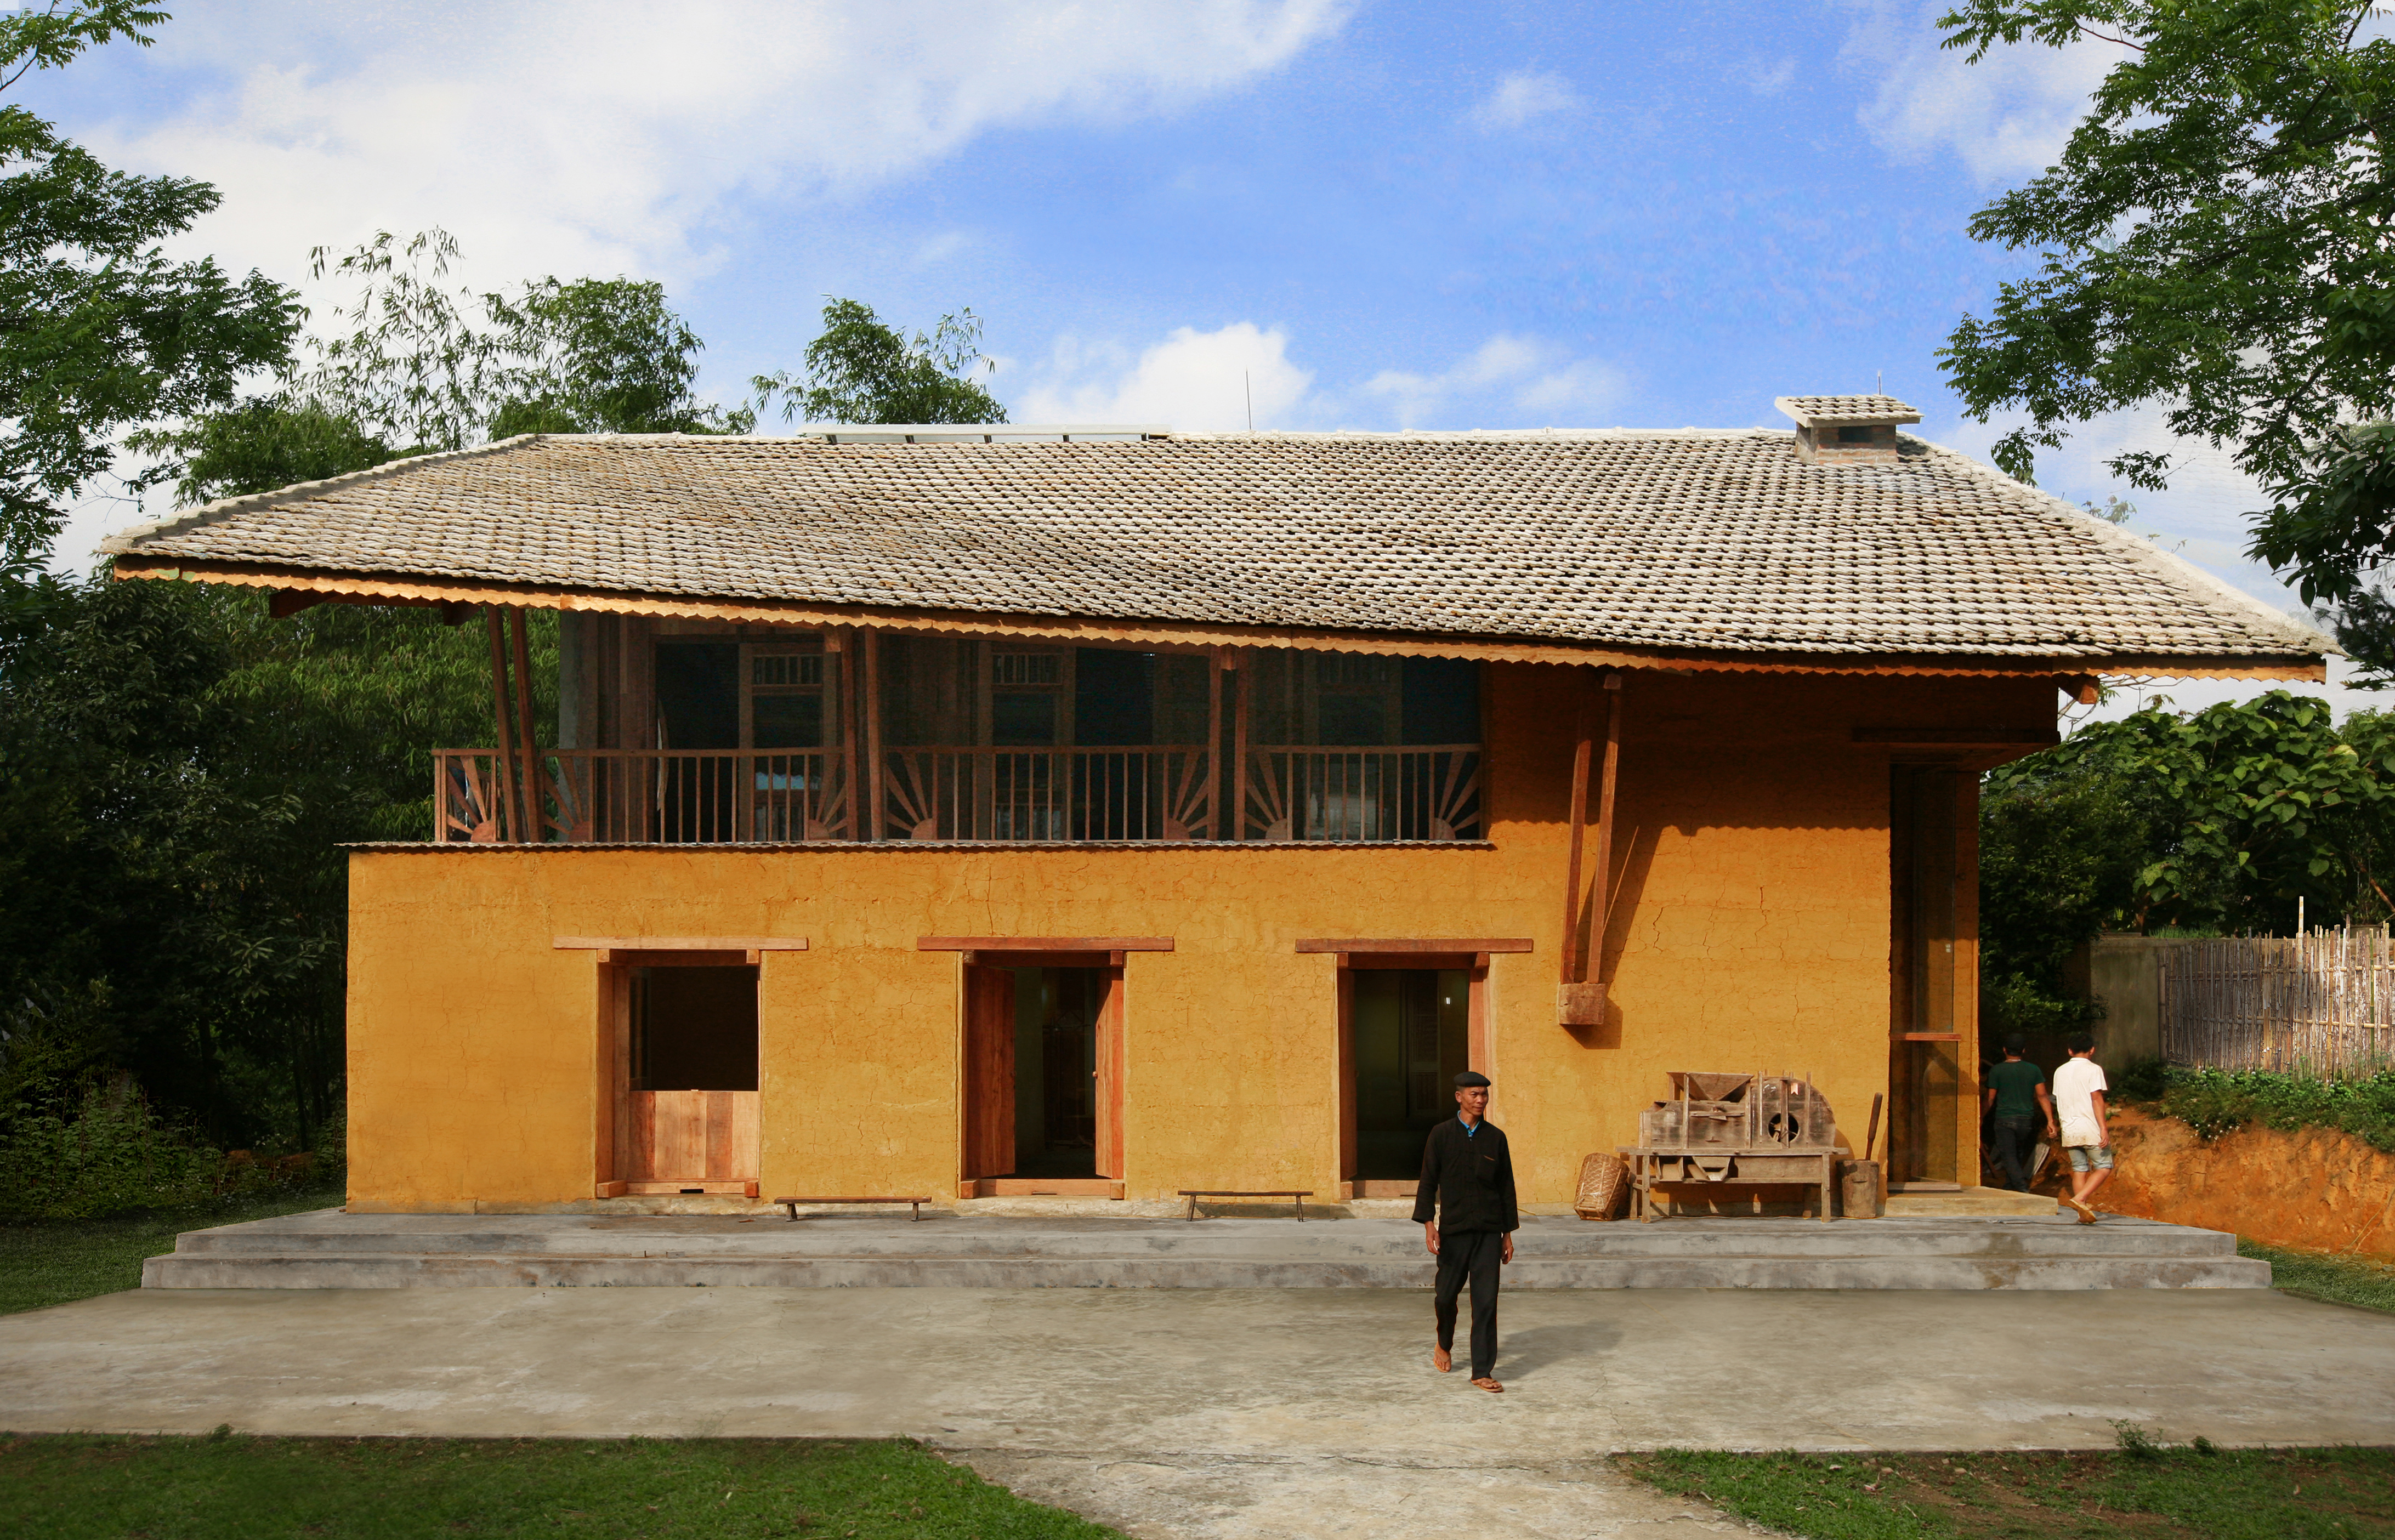 Nhà cộng đồng Nậm Đăm (Hà Giang) - Công trình thấm đẫm chất bản địa